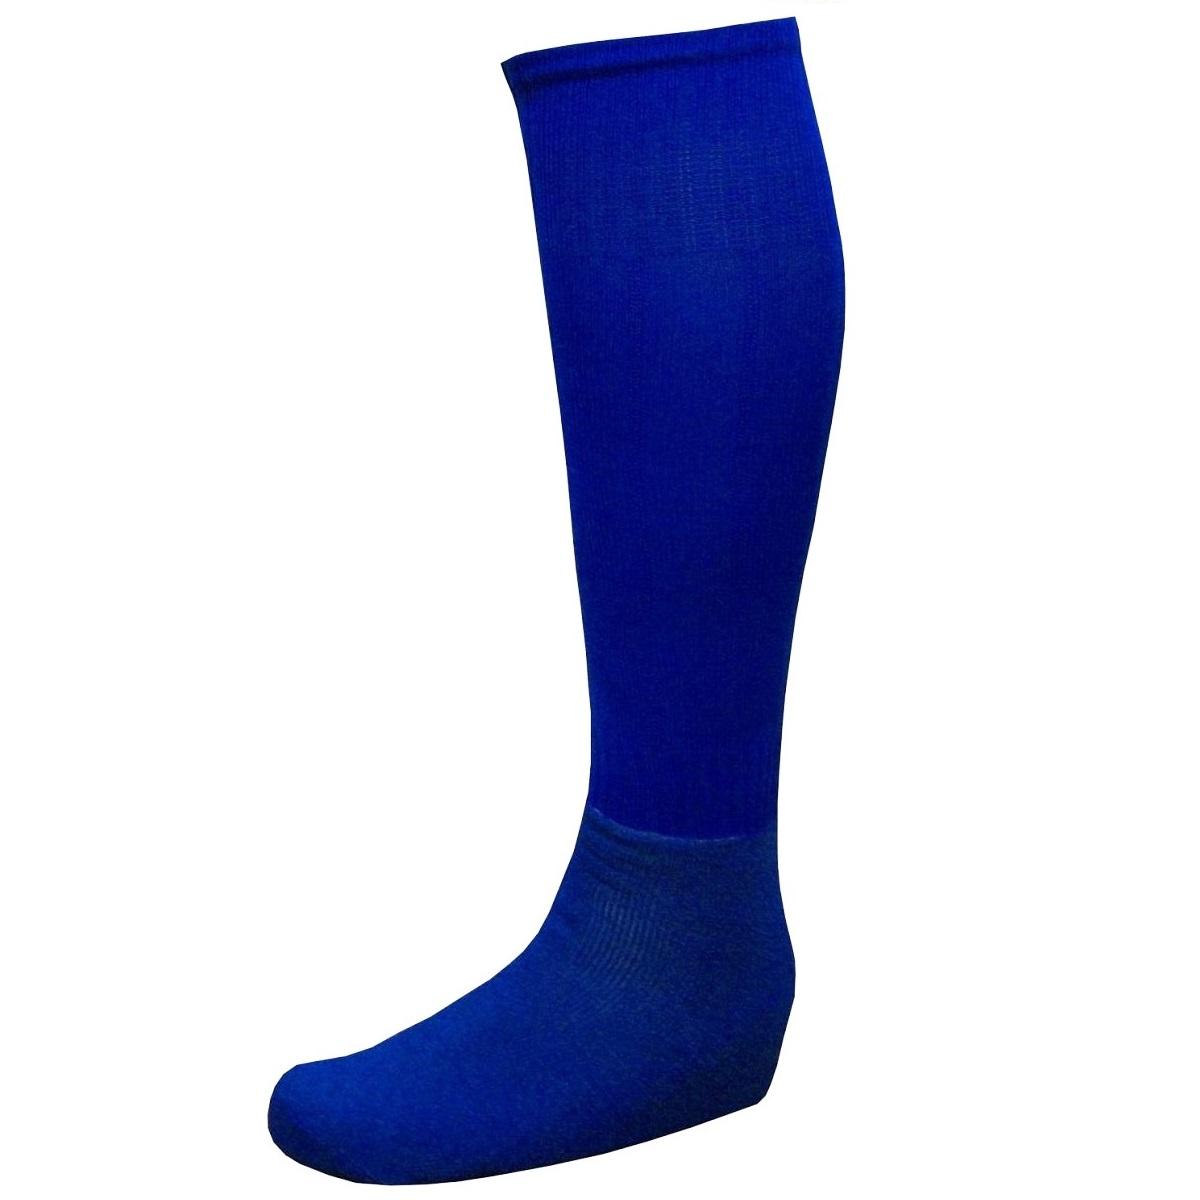 Meião Tradicional Reforçado Azul Royal - Delfia